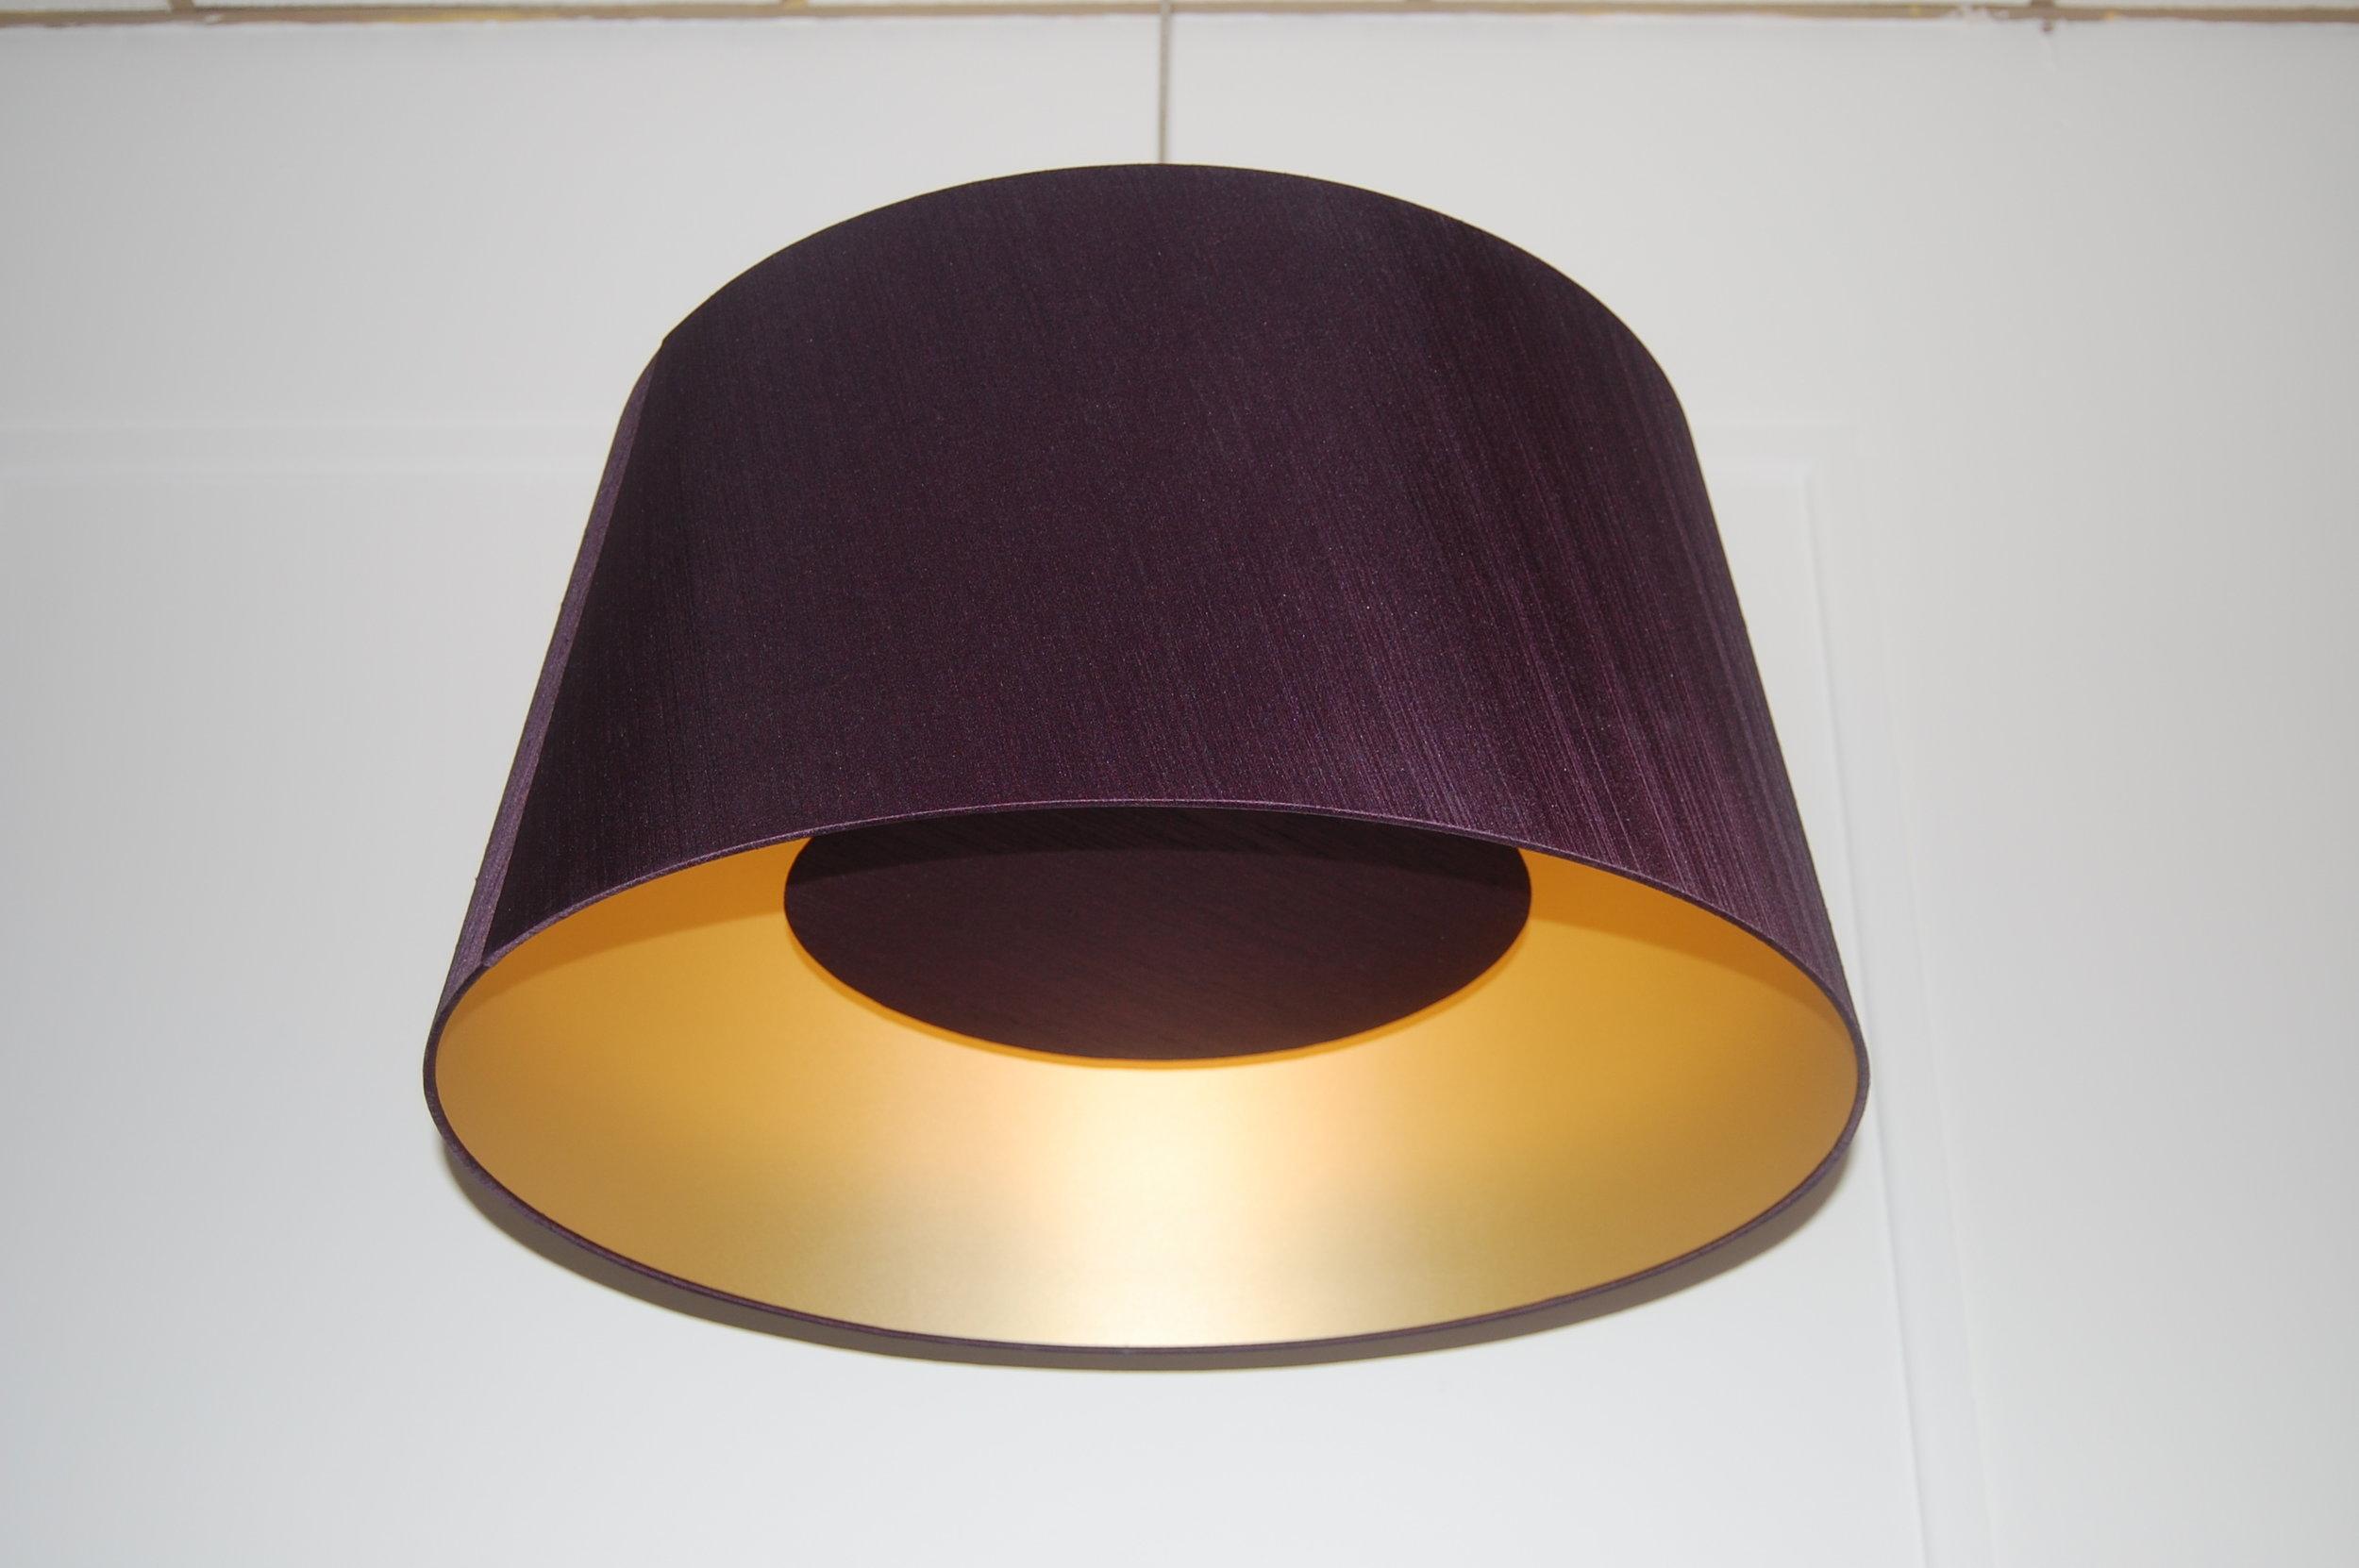 Multi site Retail lighting